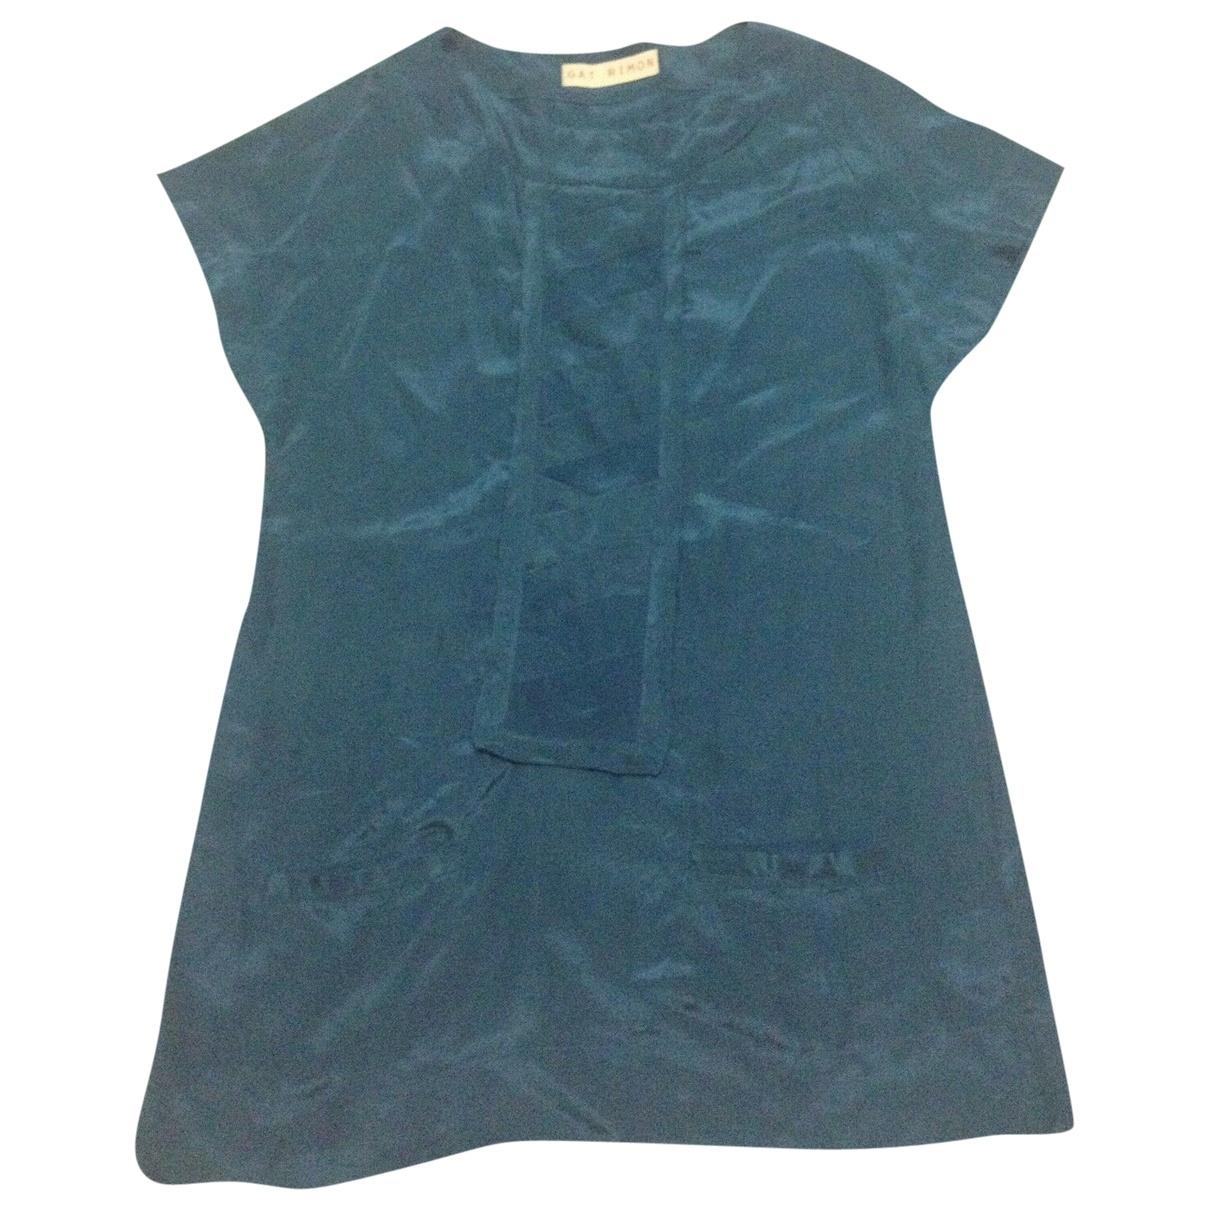 Gat Rimon \N Blue Silk dress for Women 1 0-5